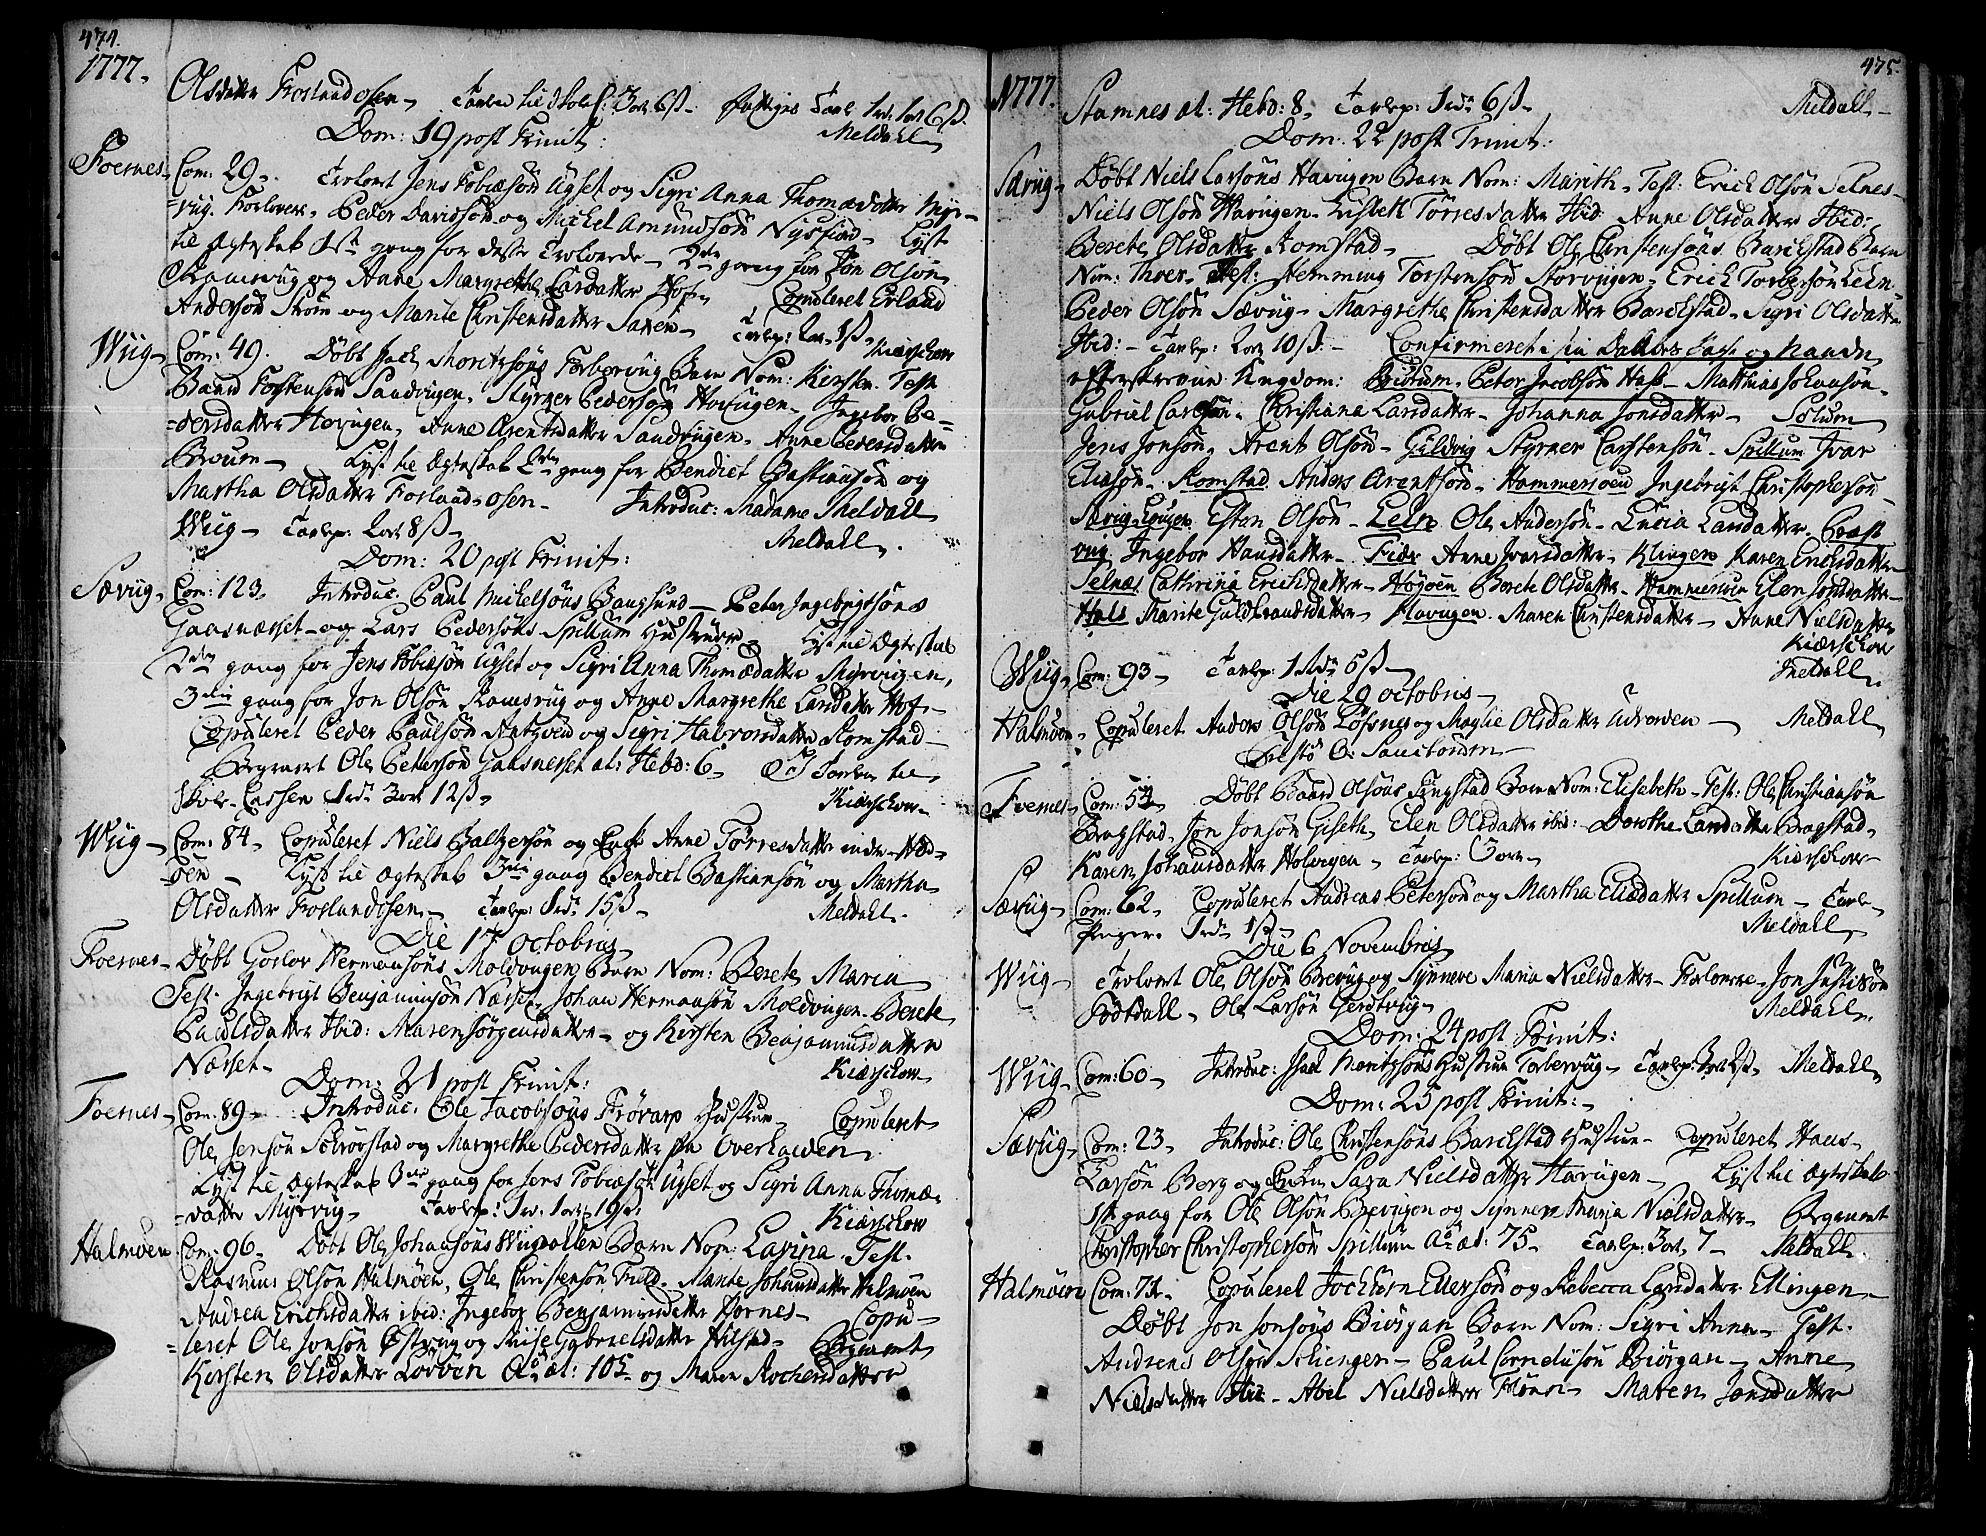 SAT, Ministerialprotokoller, klokkerbøker og fødselsregistre - Nord-Trøndelag, 773/L0607: Ministerialbok nr. 773A01, 1751-1783, s. 474-475